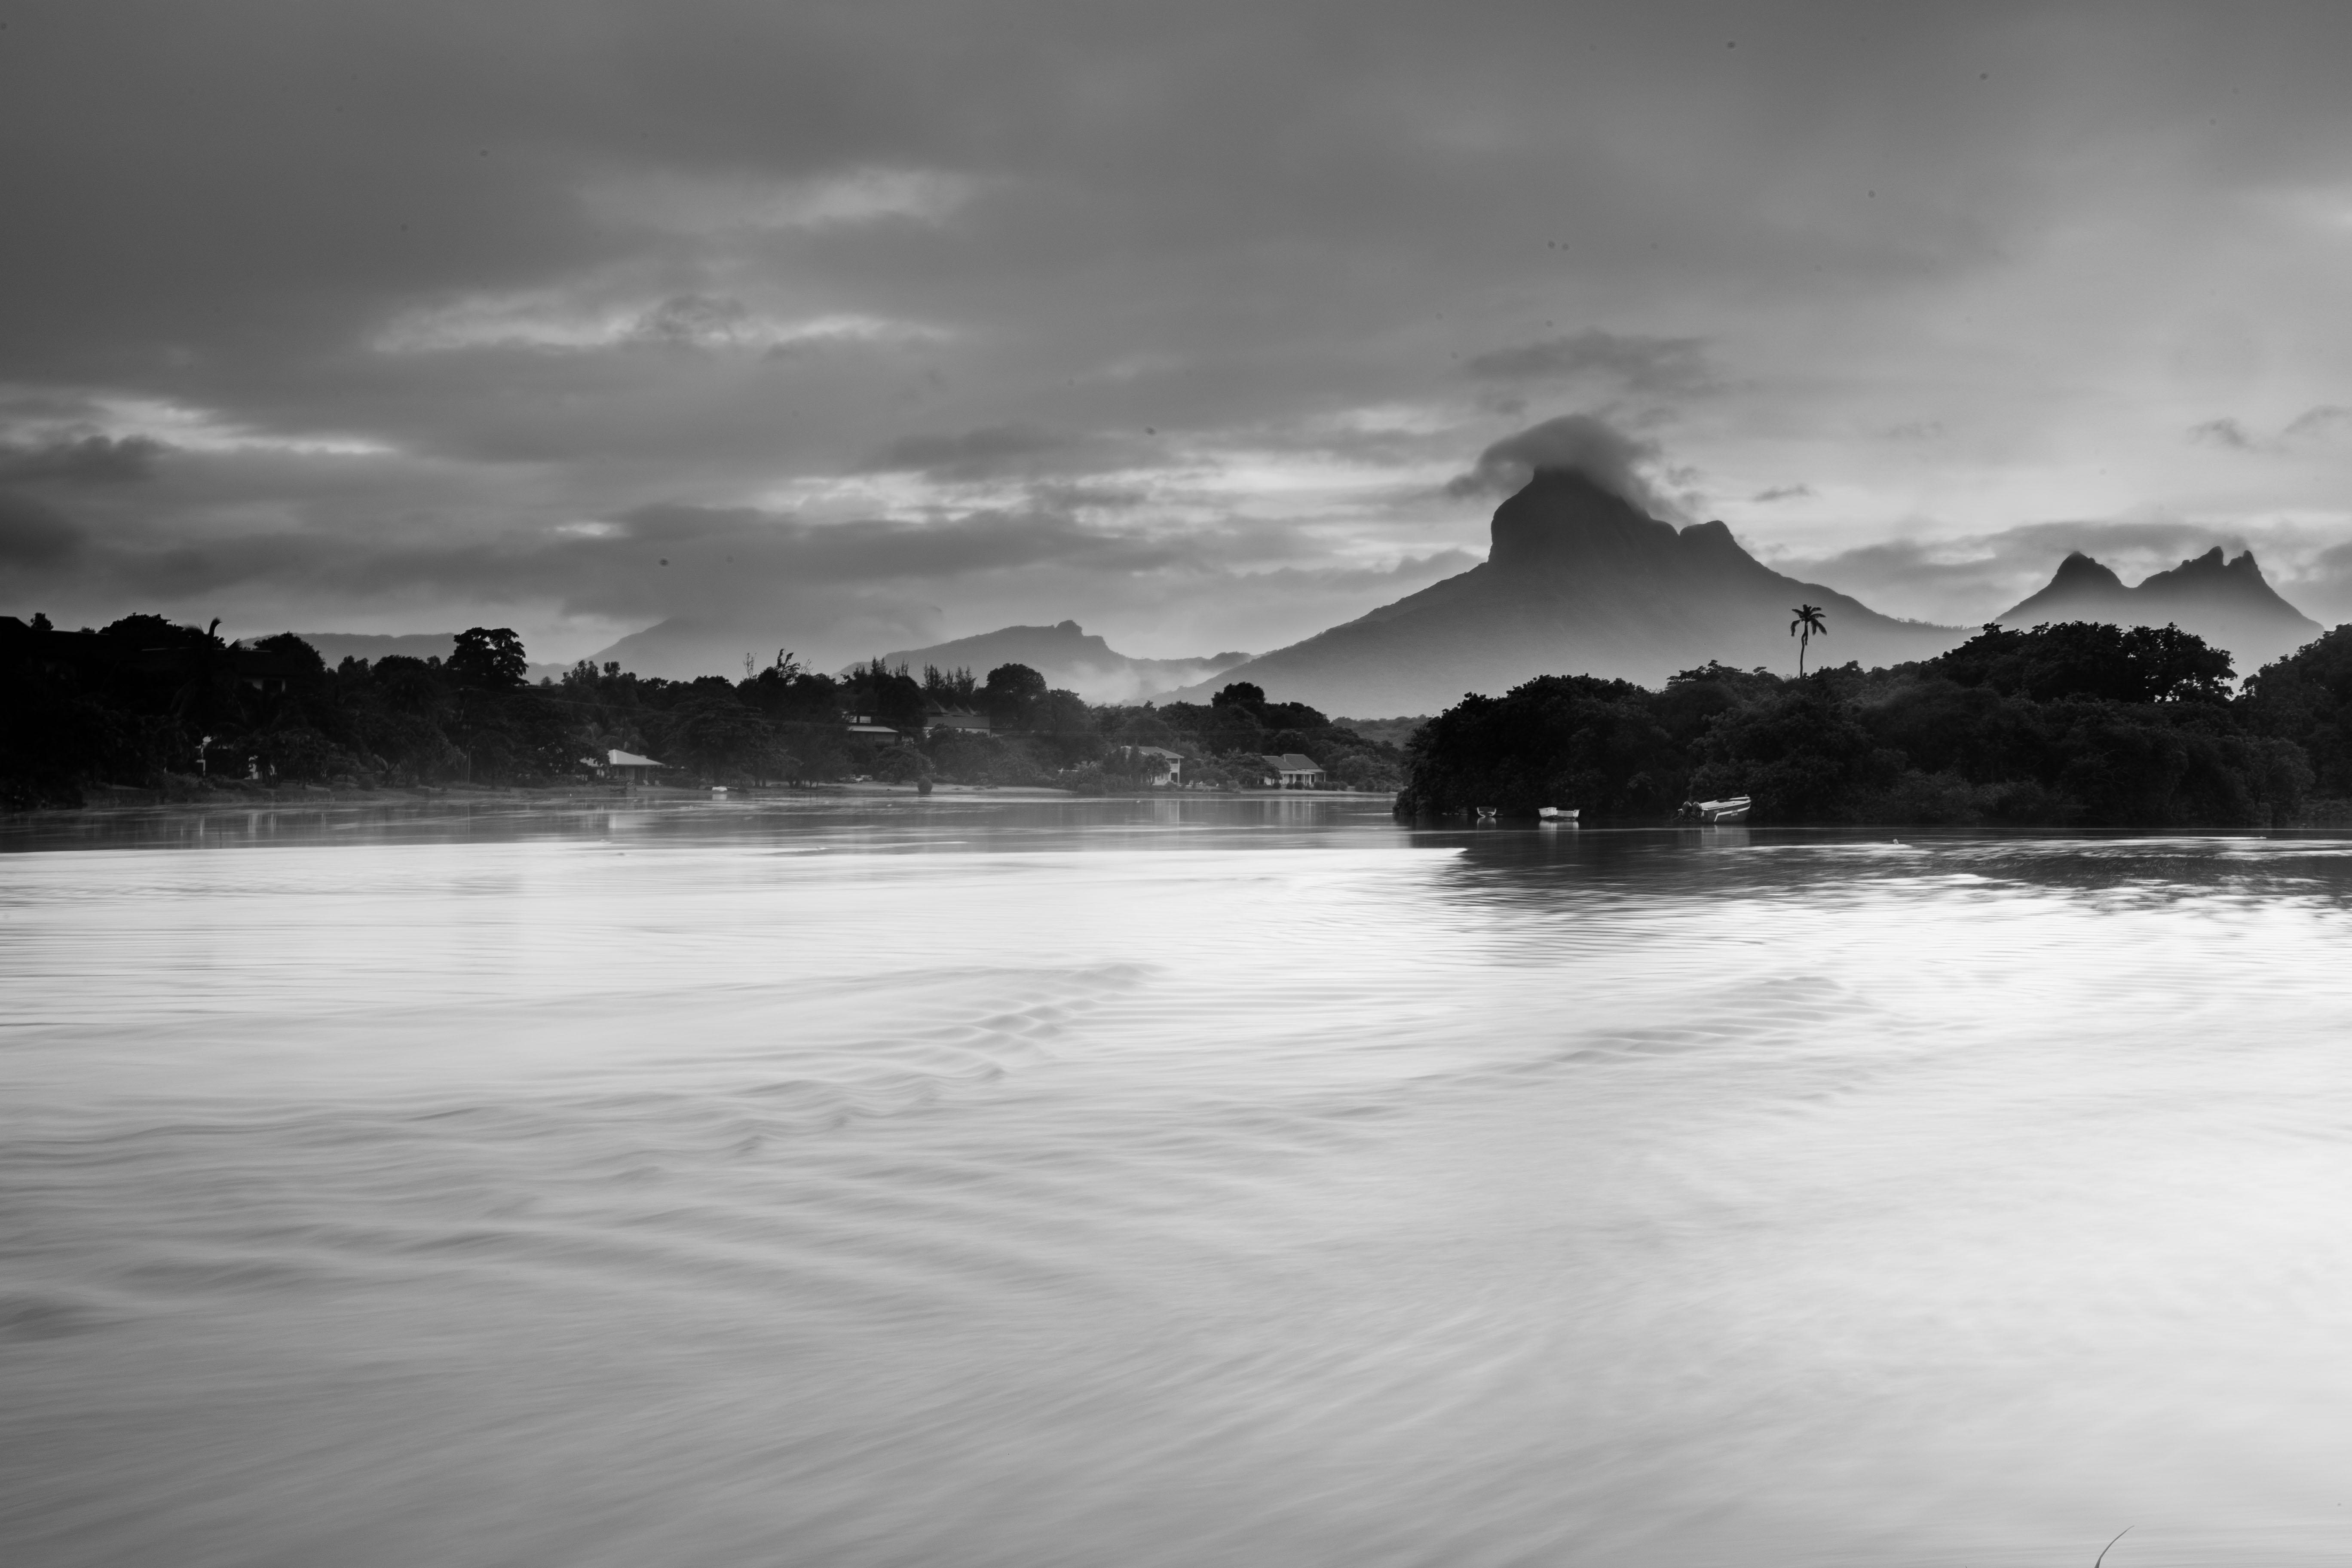 Tamarin river side